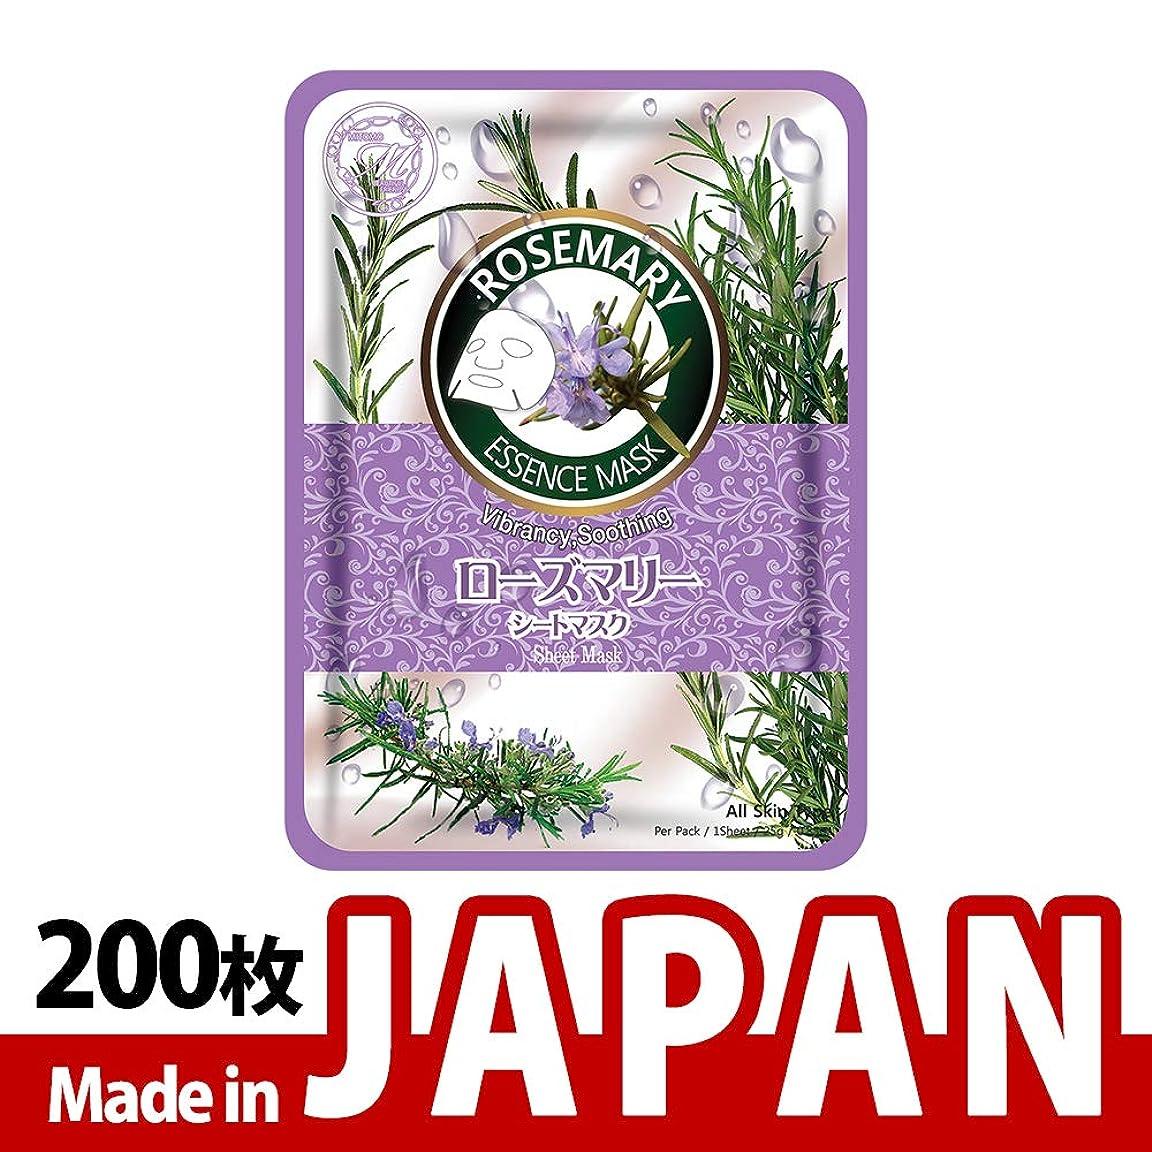 内向きロビー広告【MT612-C-1】シートマスク/10枚入り/200枚/美容液/マスクパック/送料無料